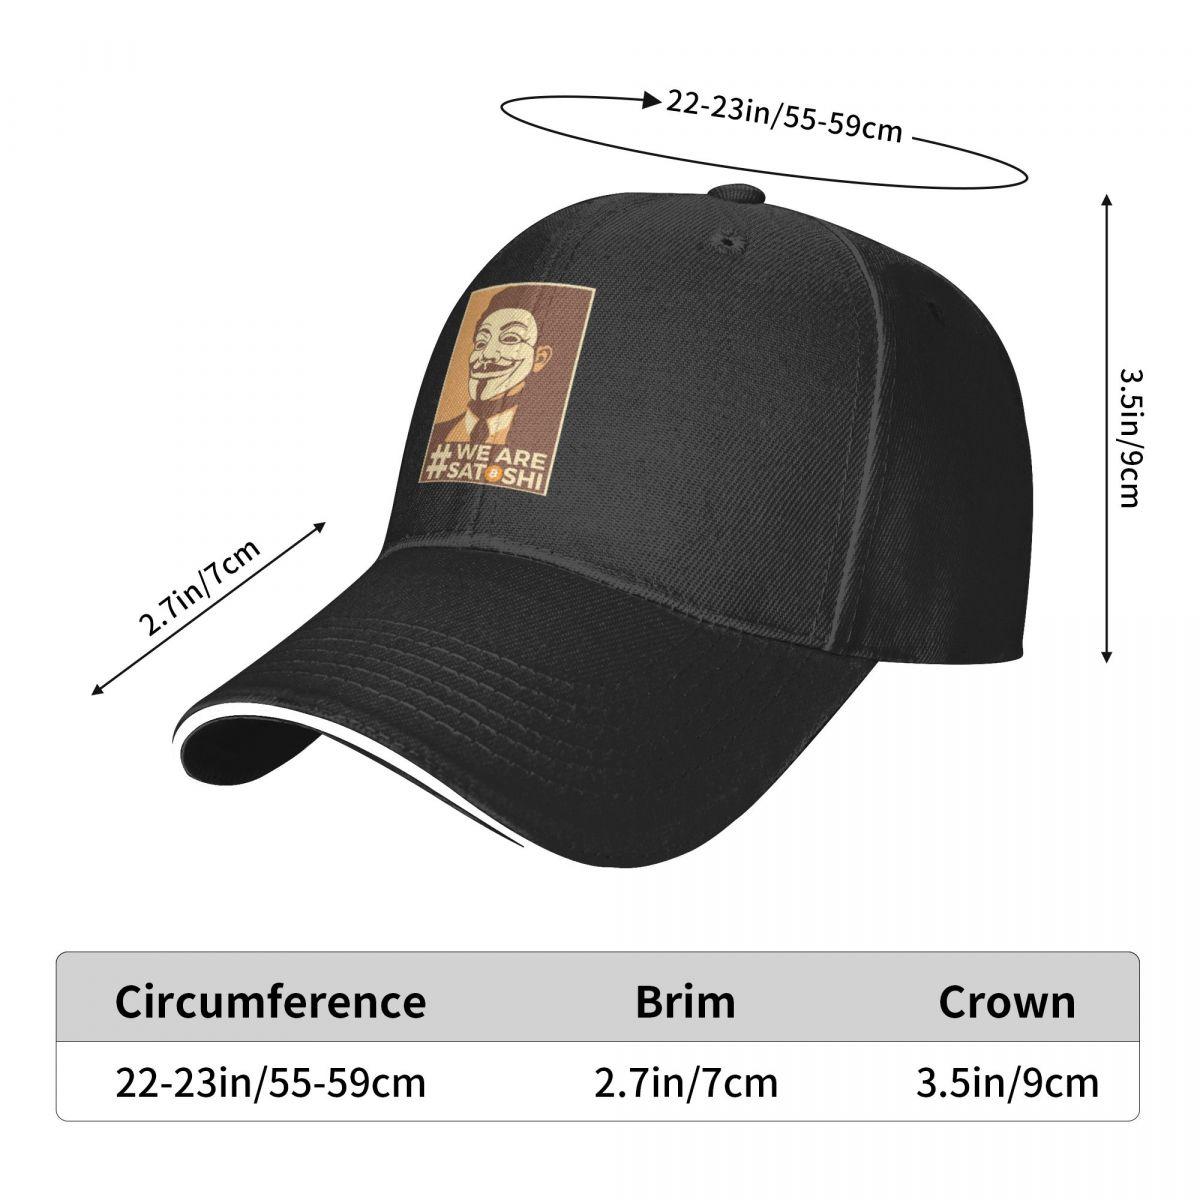 AnonymousWe являются SatoshiBitcoin Кепки для гольфа Hodl в стиле хип-хоп, винтажные мужские женские мужские кепки